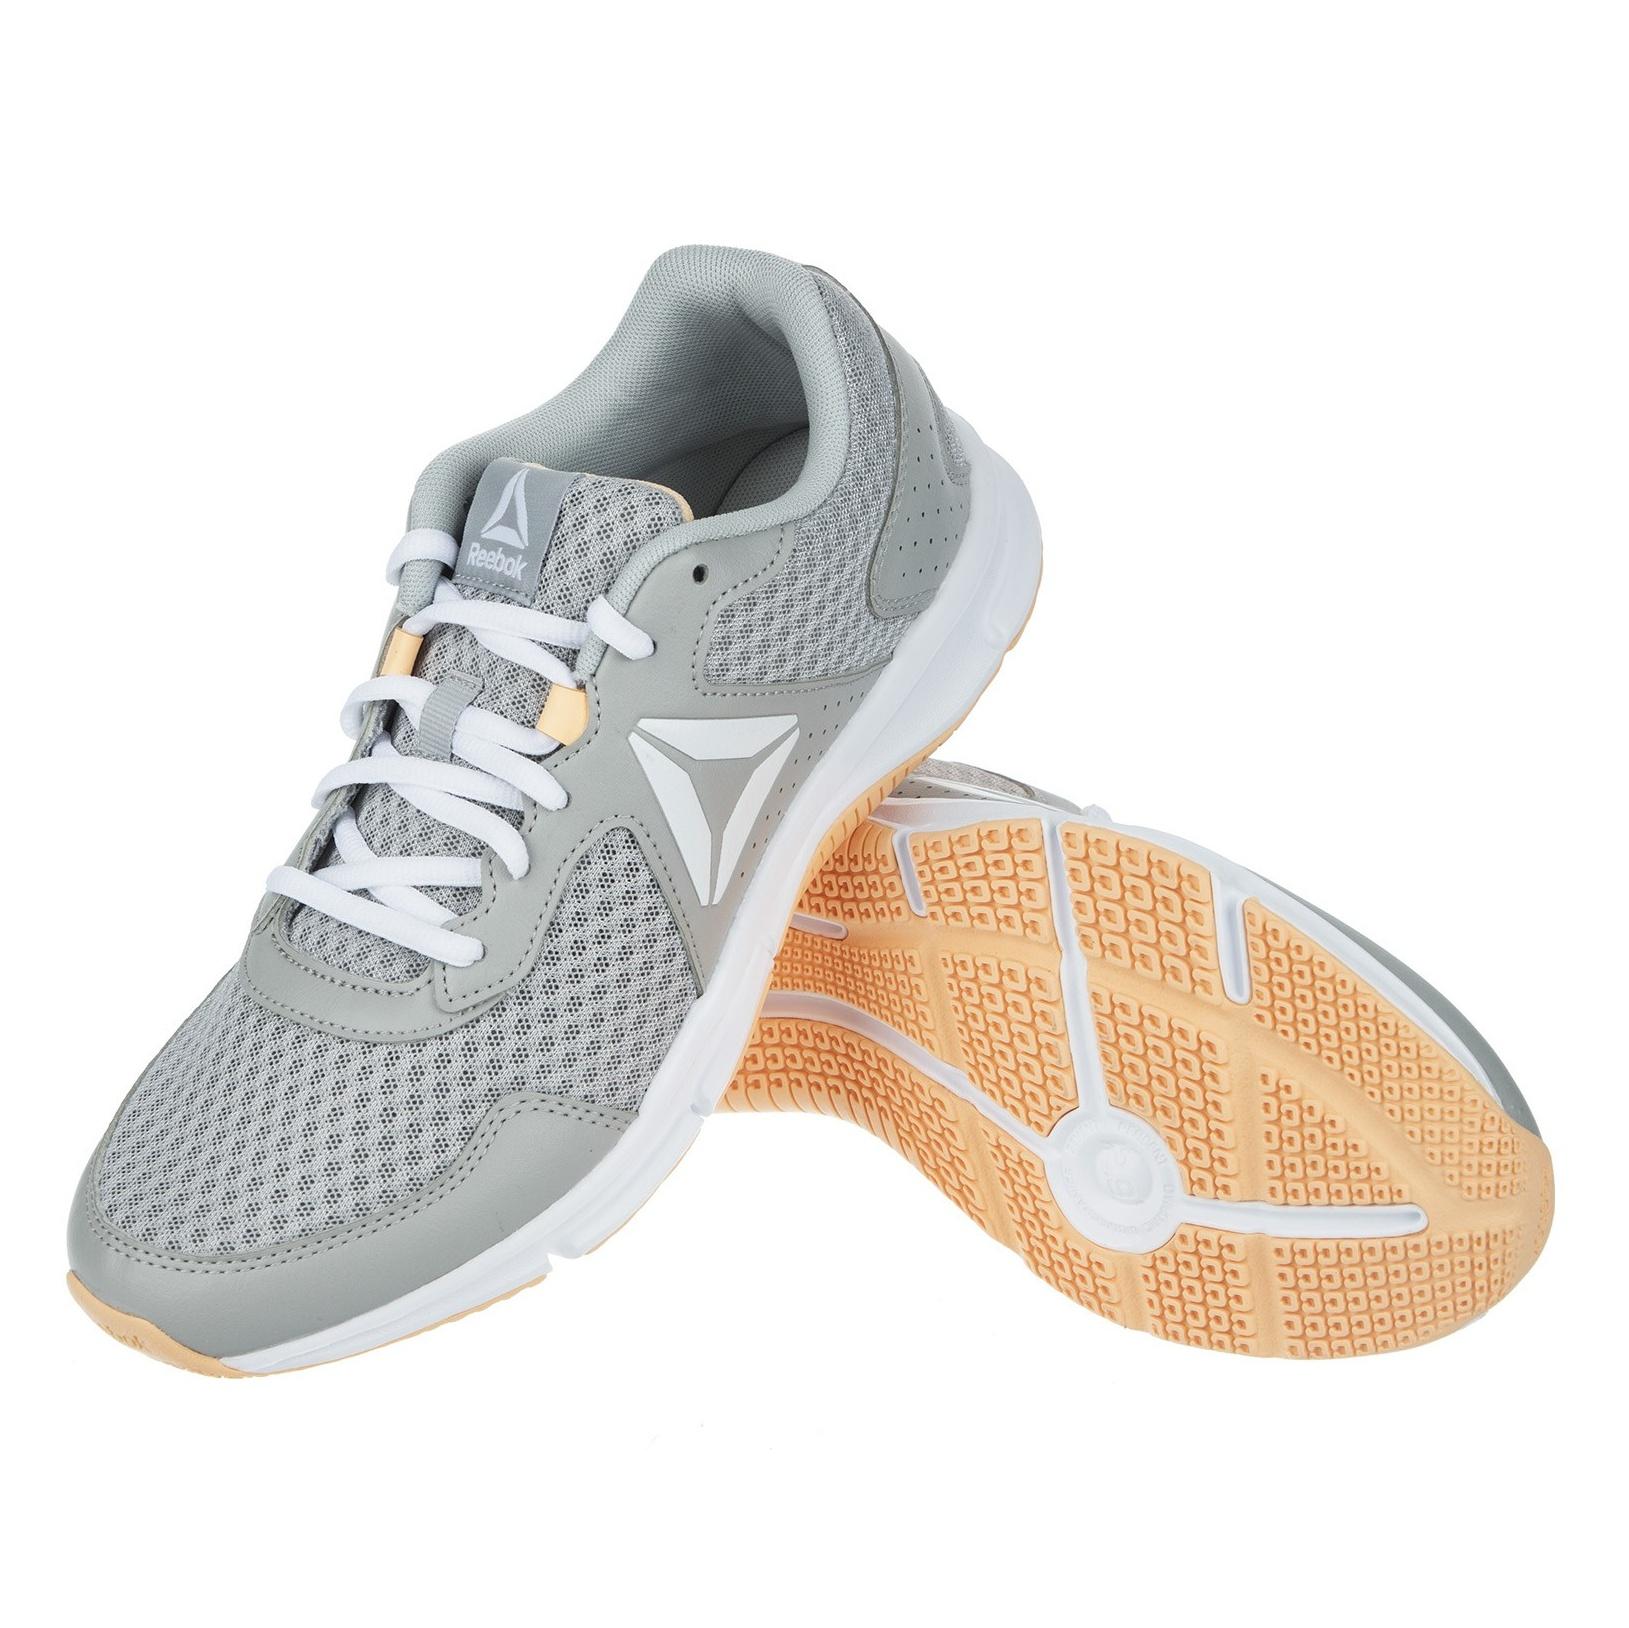 کفش مخصوص دویدن زنانه ریباک مدل Express - طوسي - 5